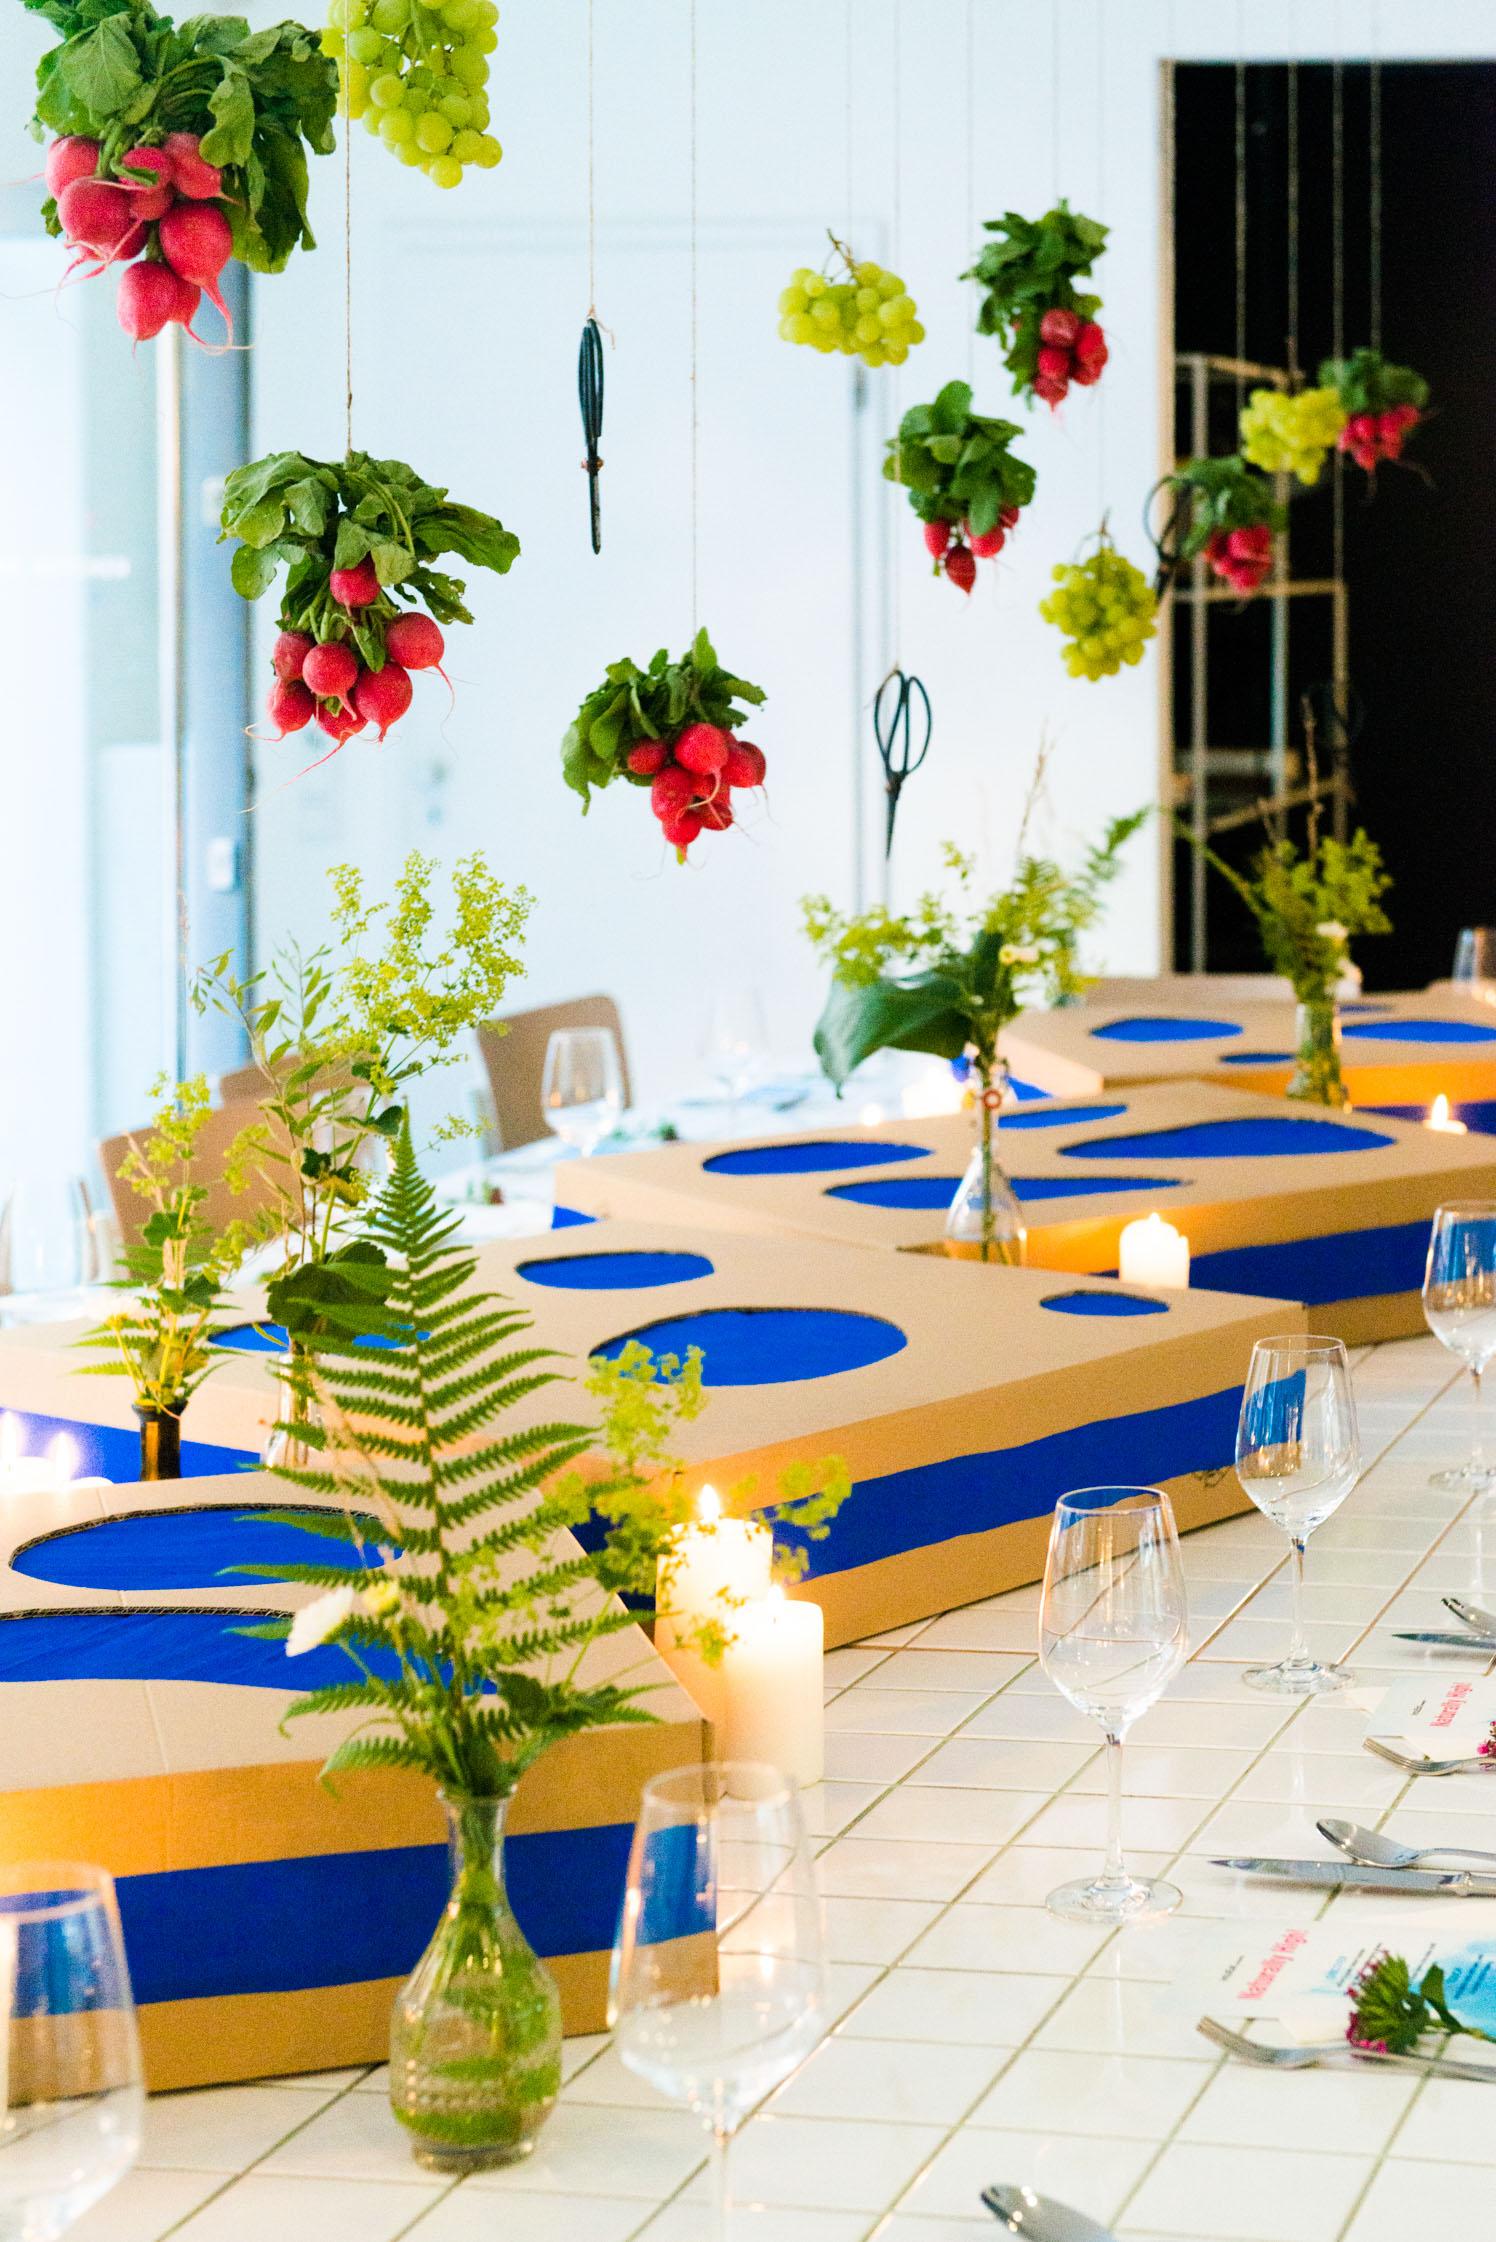 Wild & Root Creative Food Agency, Berlin, Europe